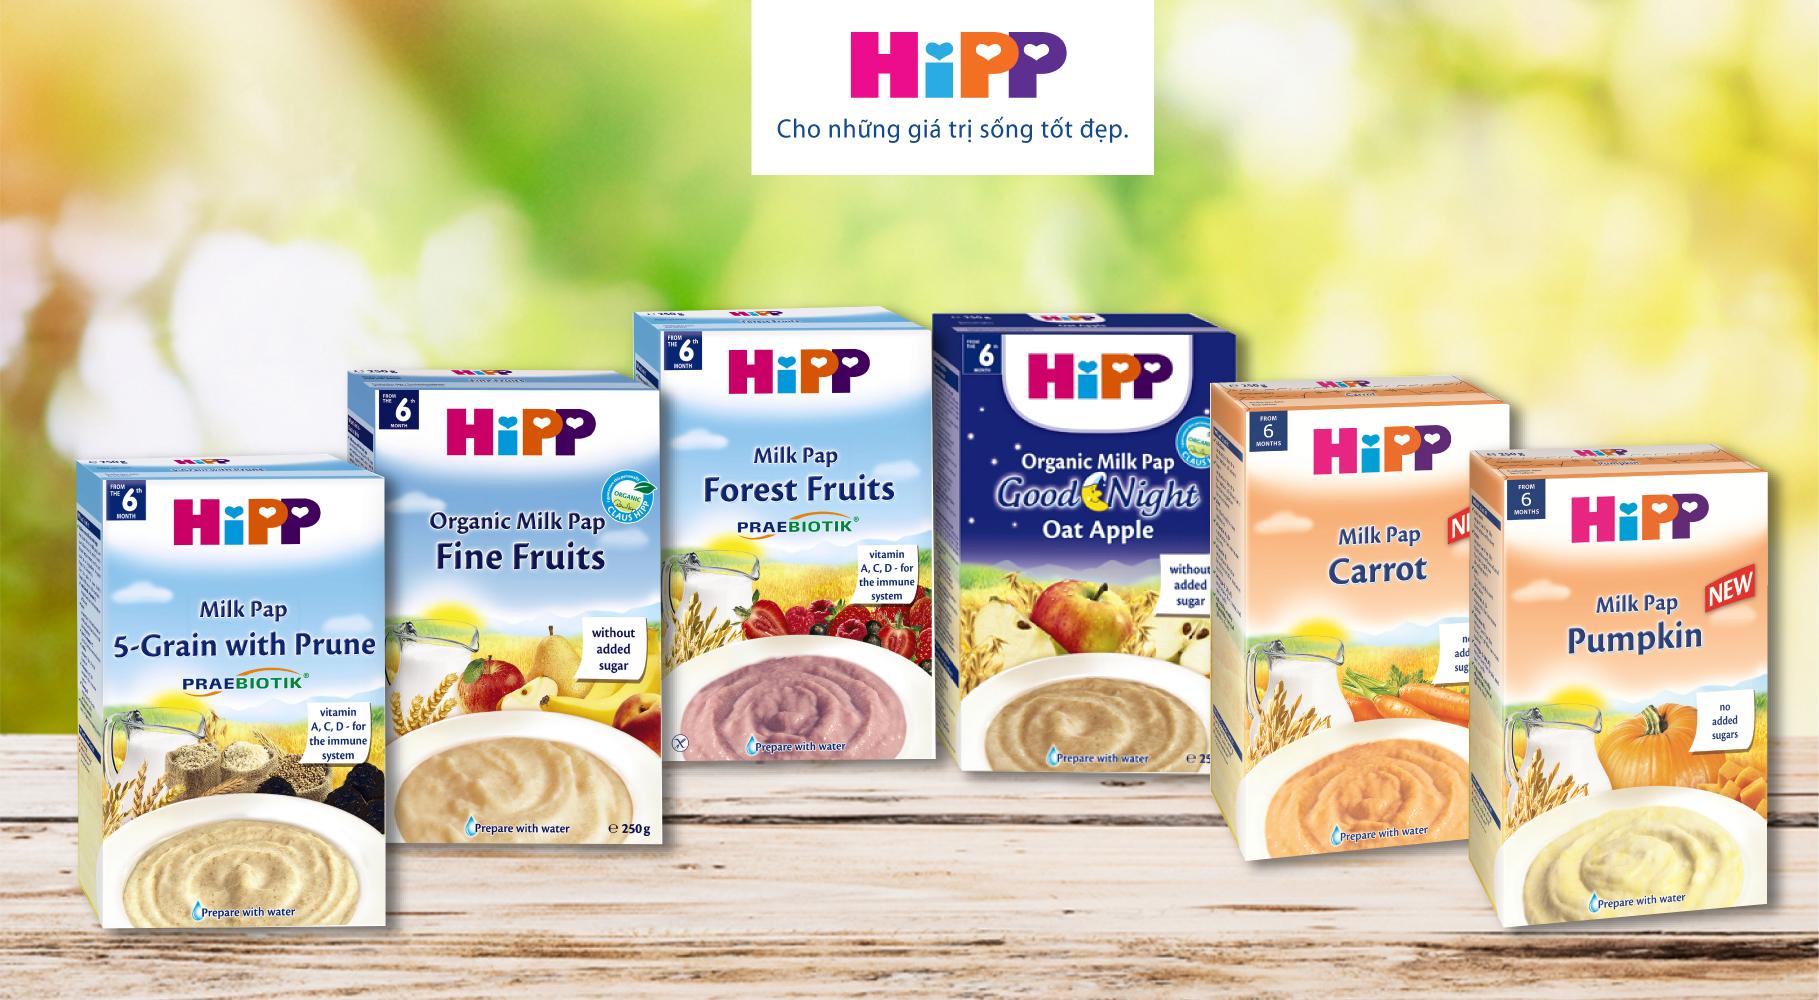 Mách mẹ cách phân loại các loại bột ăn dặm HiPP